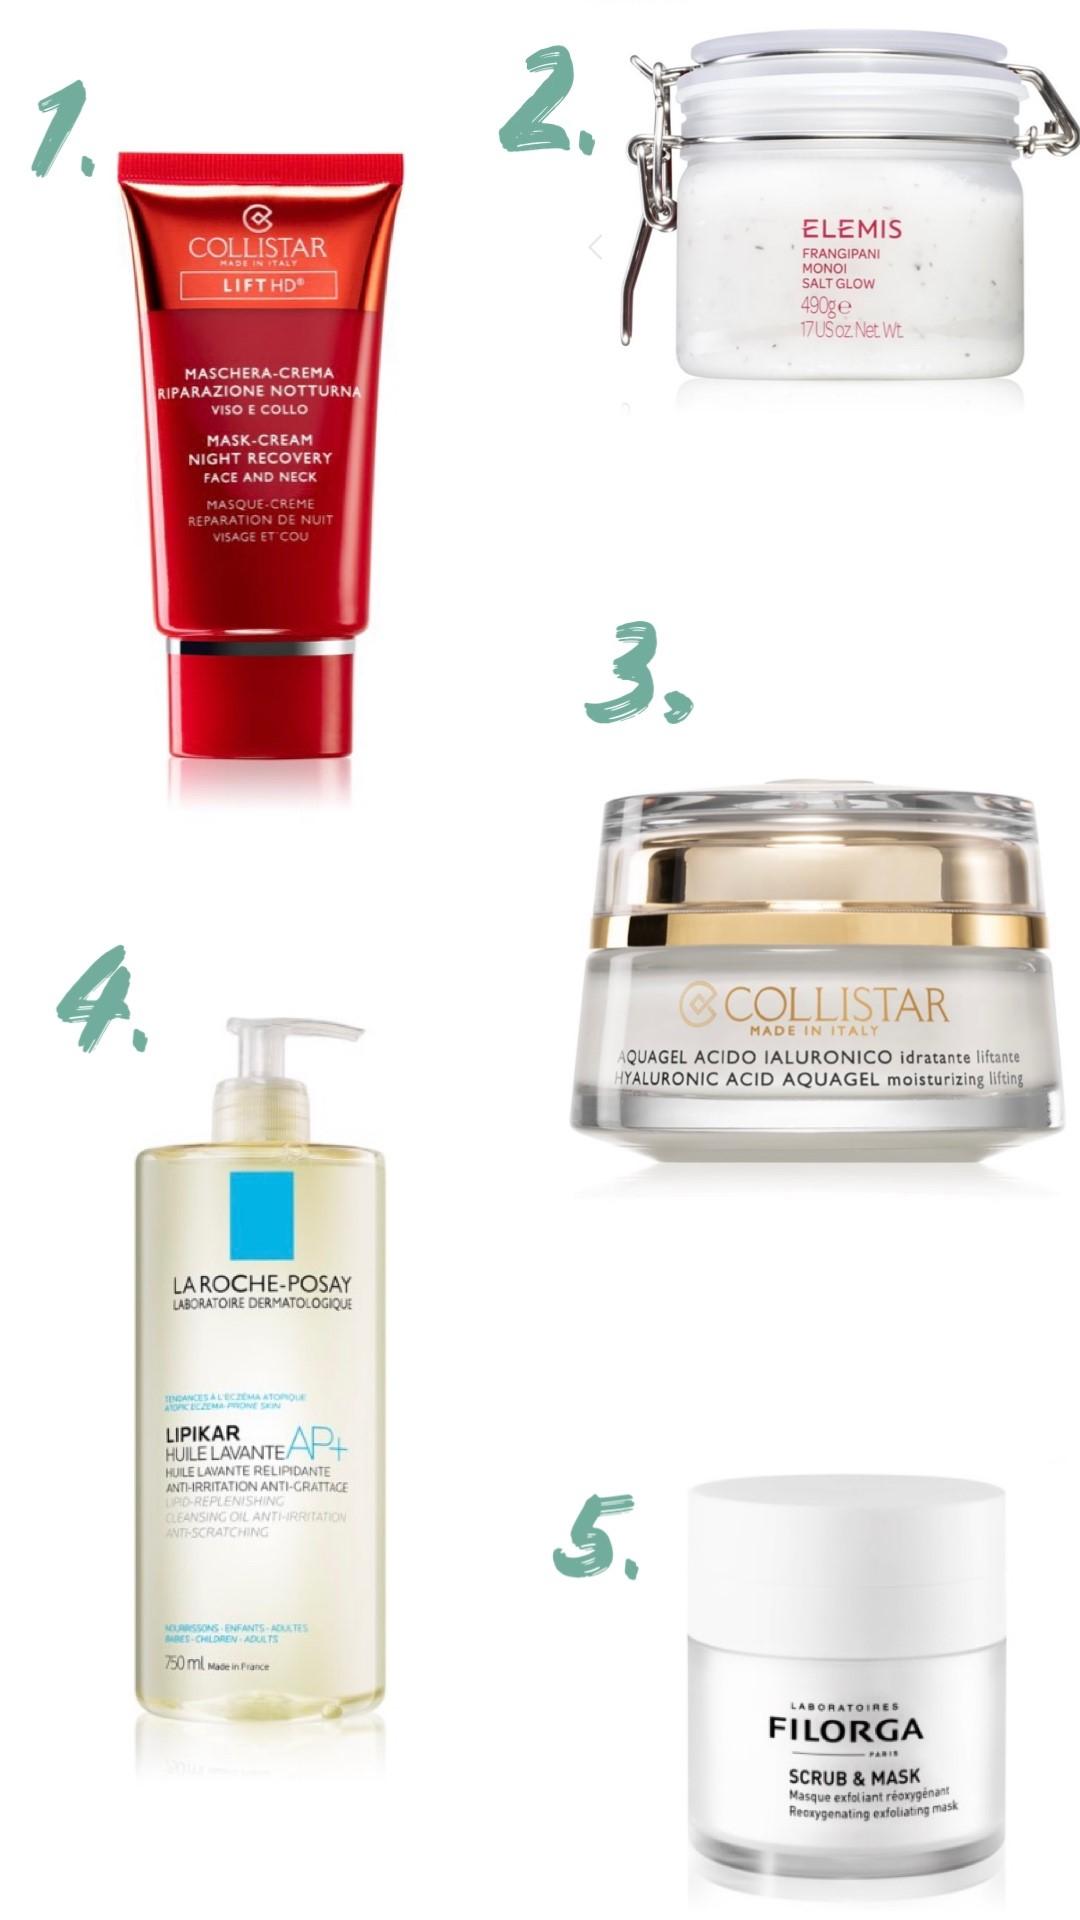 prodotti per curare la pelle dopo l'estate